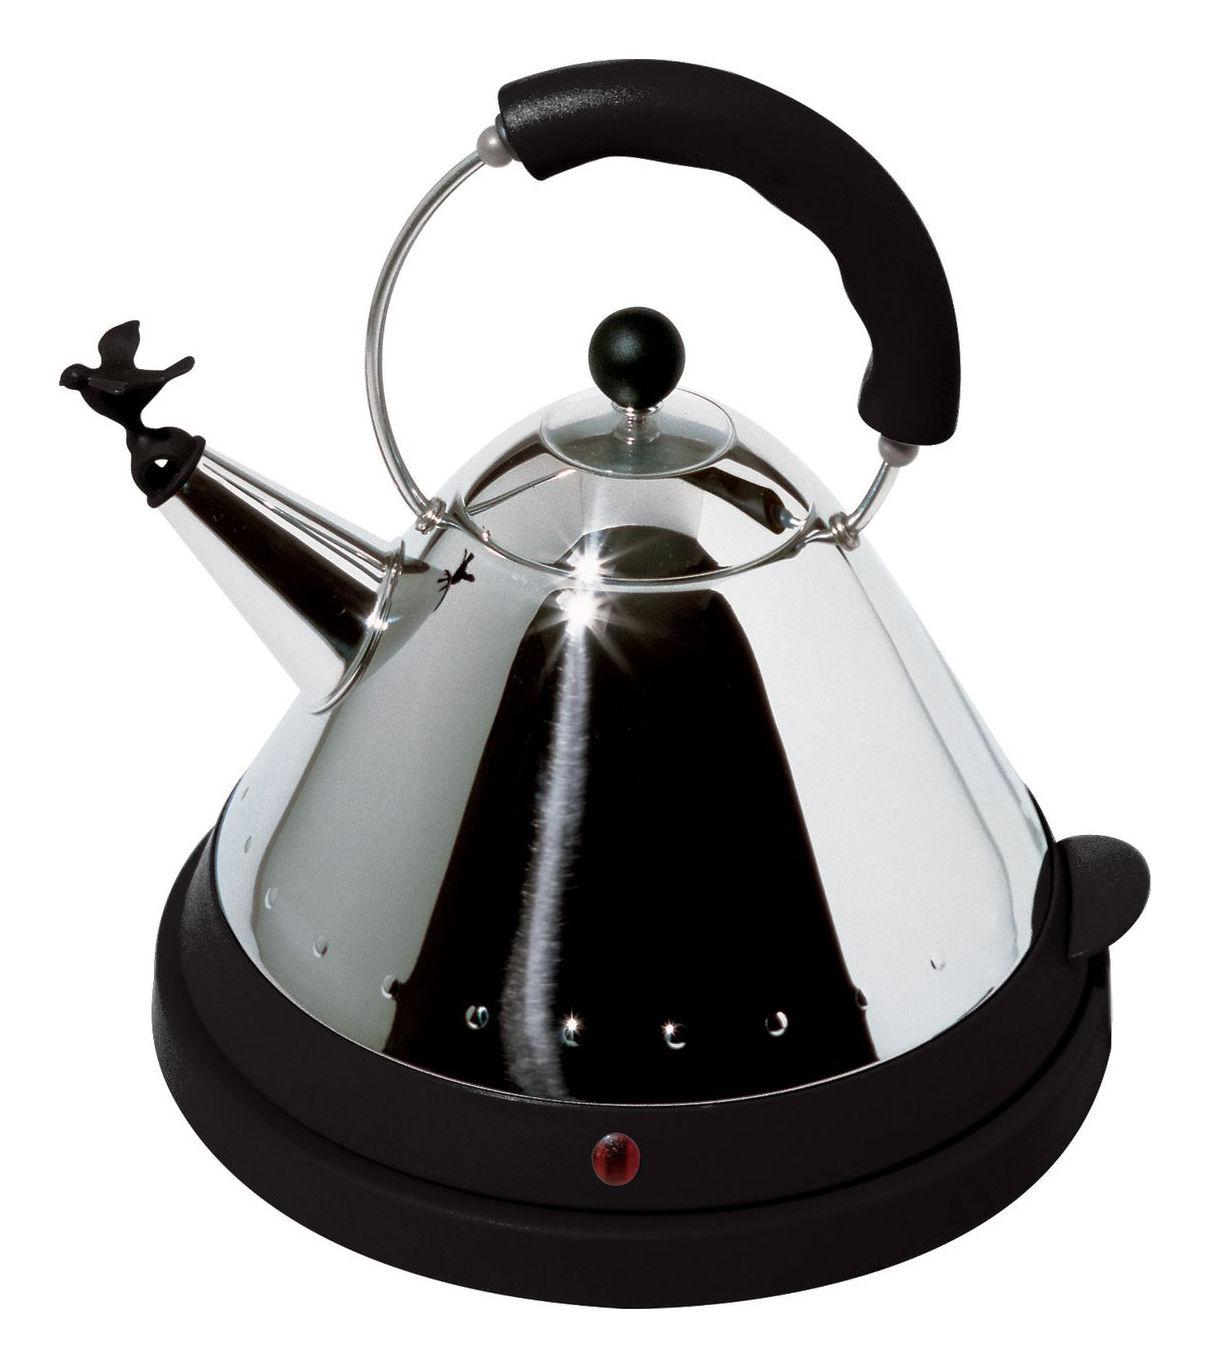 Cuisine - Electroménager - Bouilloire électrique Oisillon - Alessi - Noir - Acier inoxydable, Polyamide